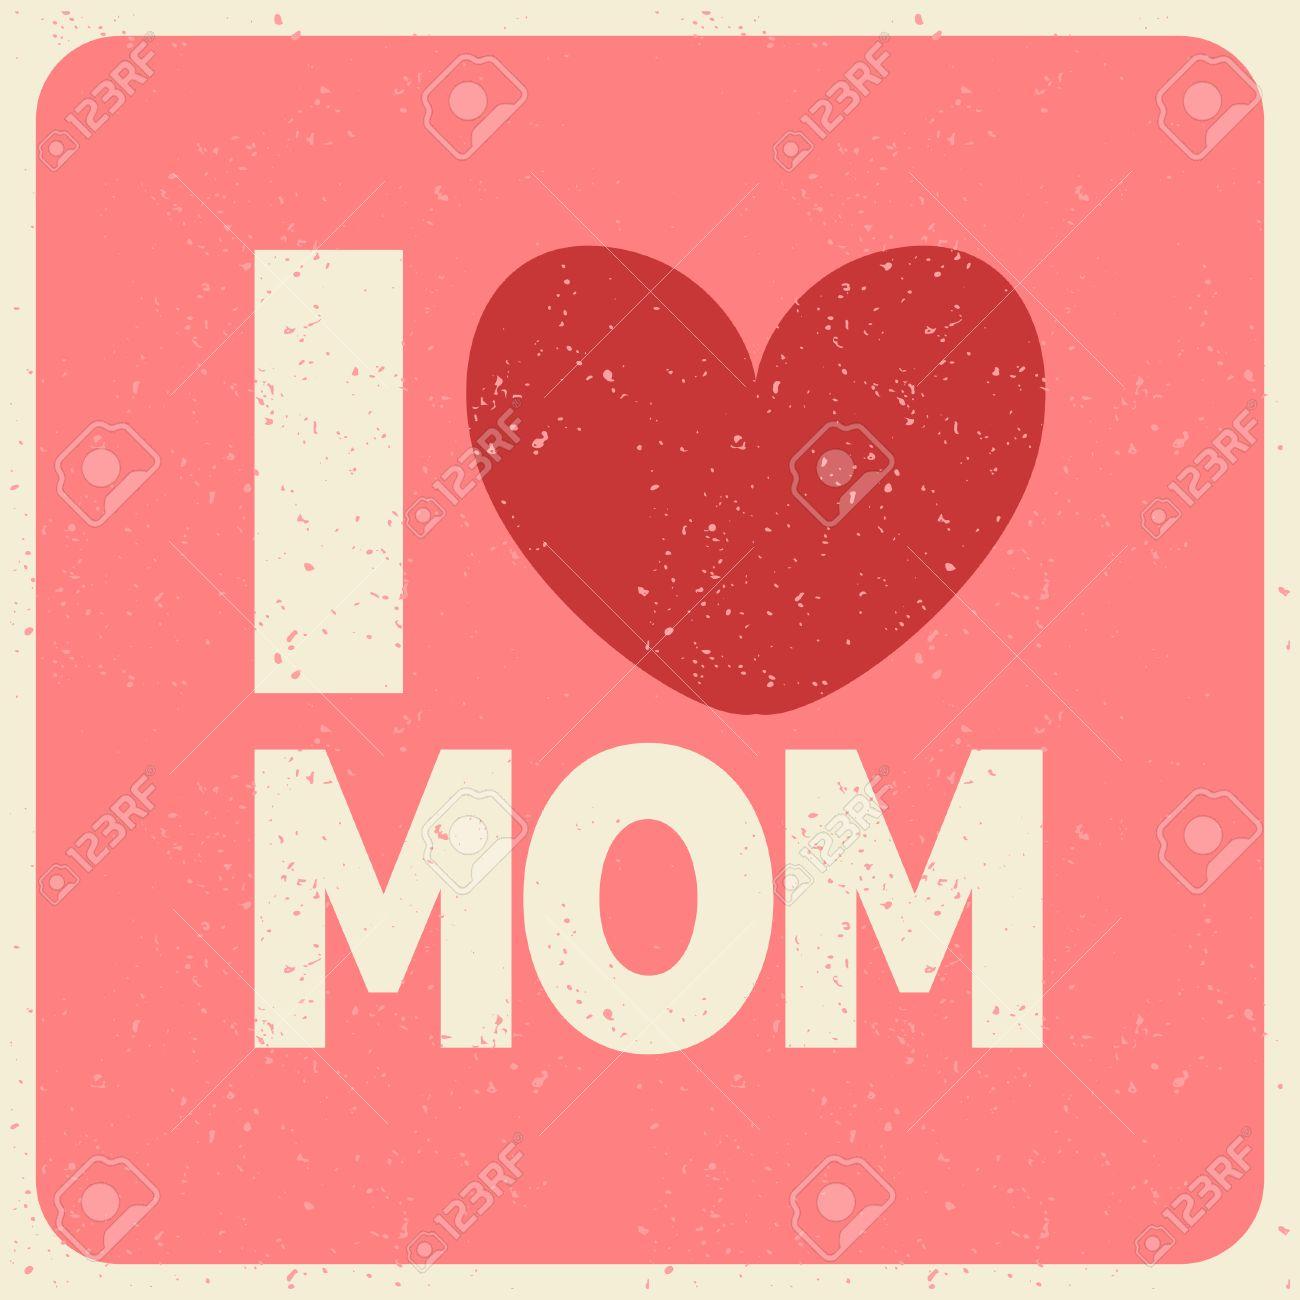 Ich Liebe Mama Grusskarte Perfekt Fur Muttertag Geburtstag Etc